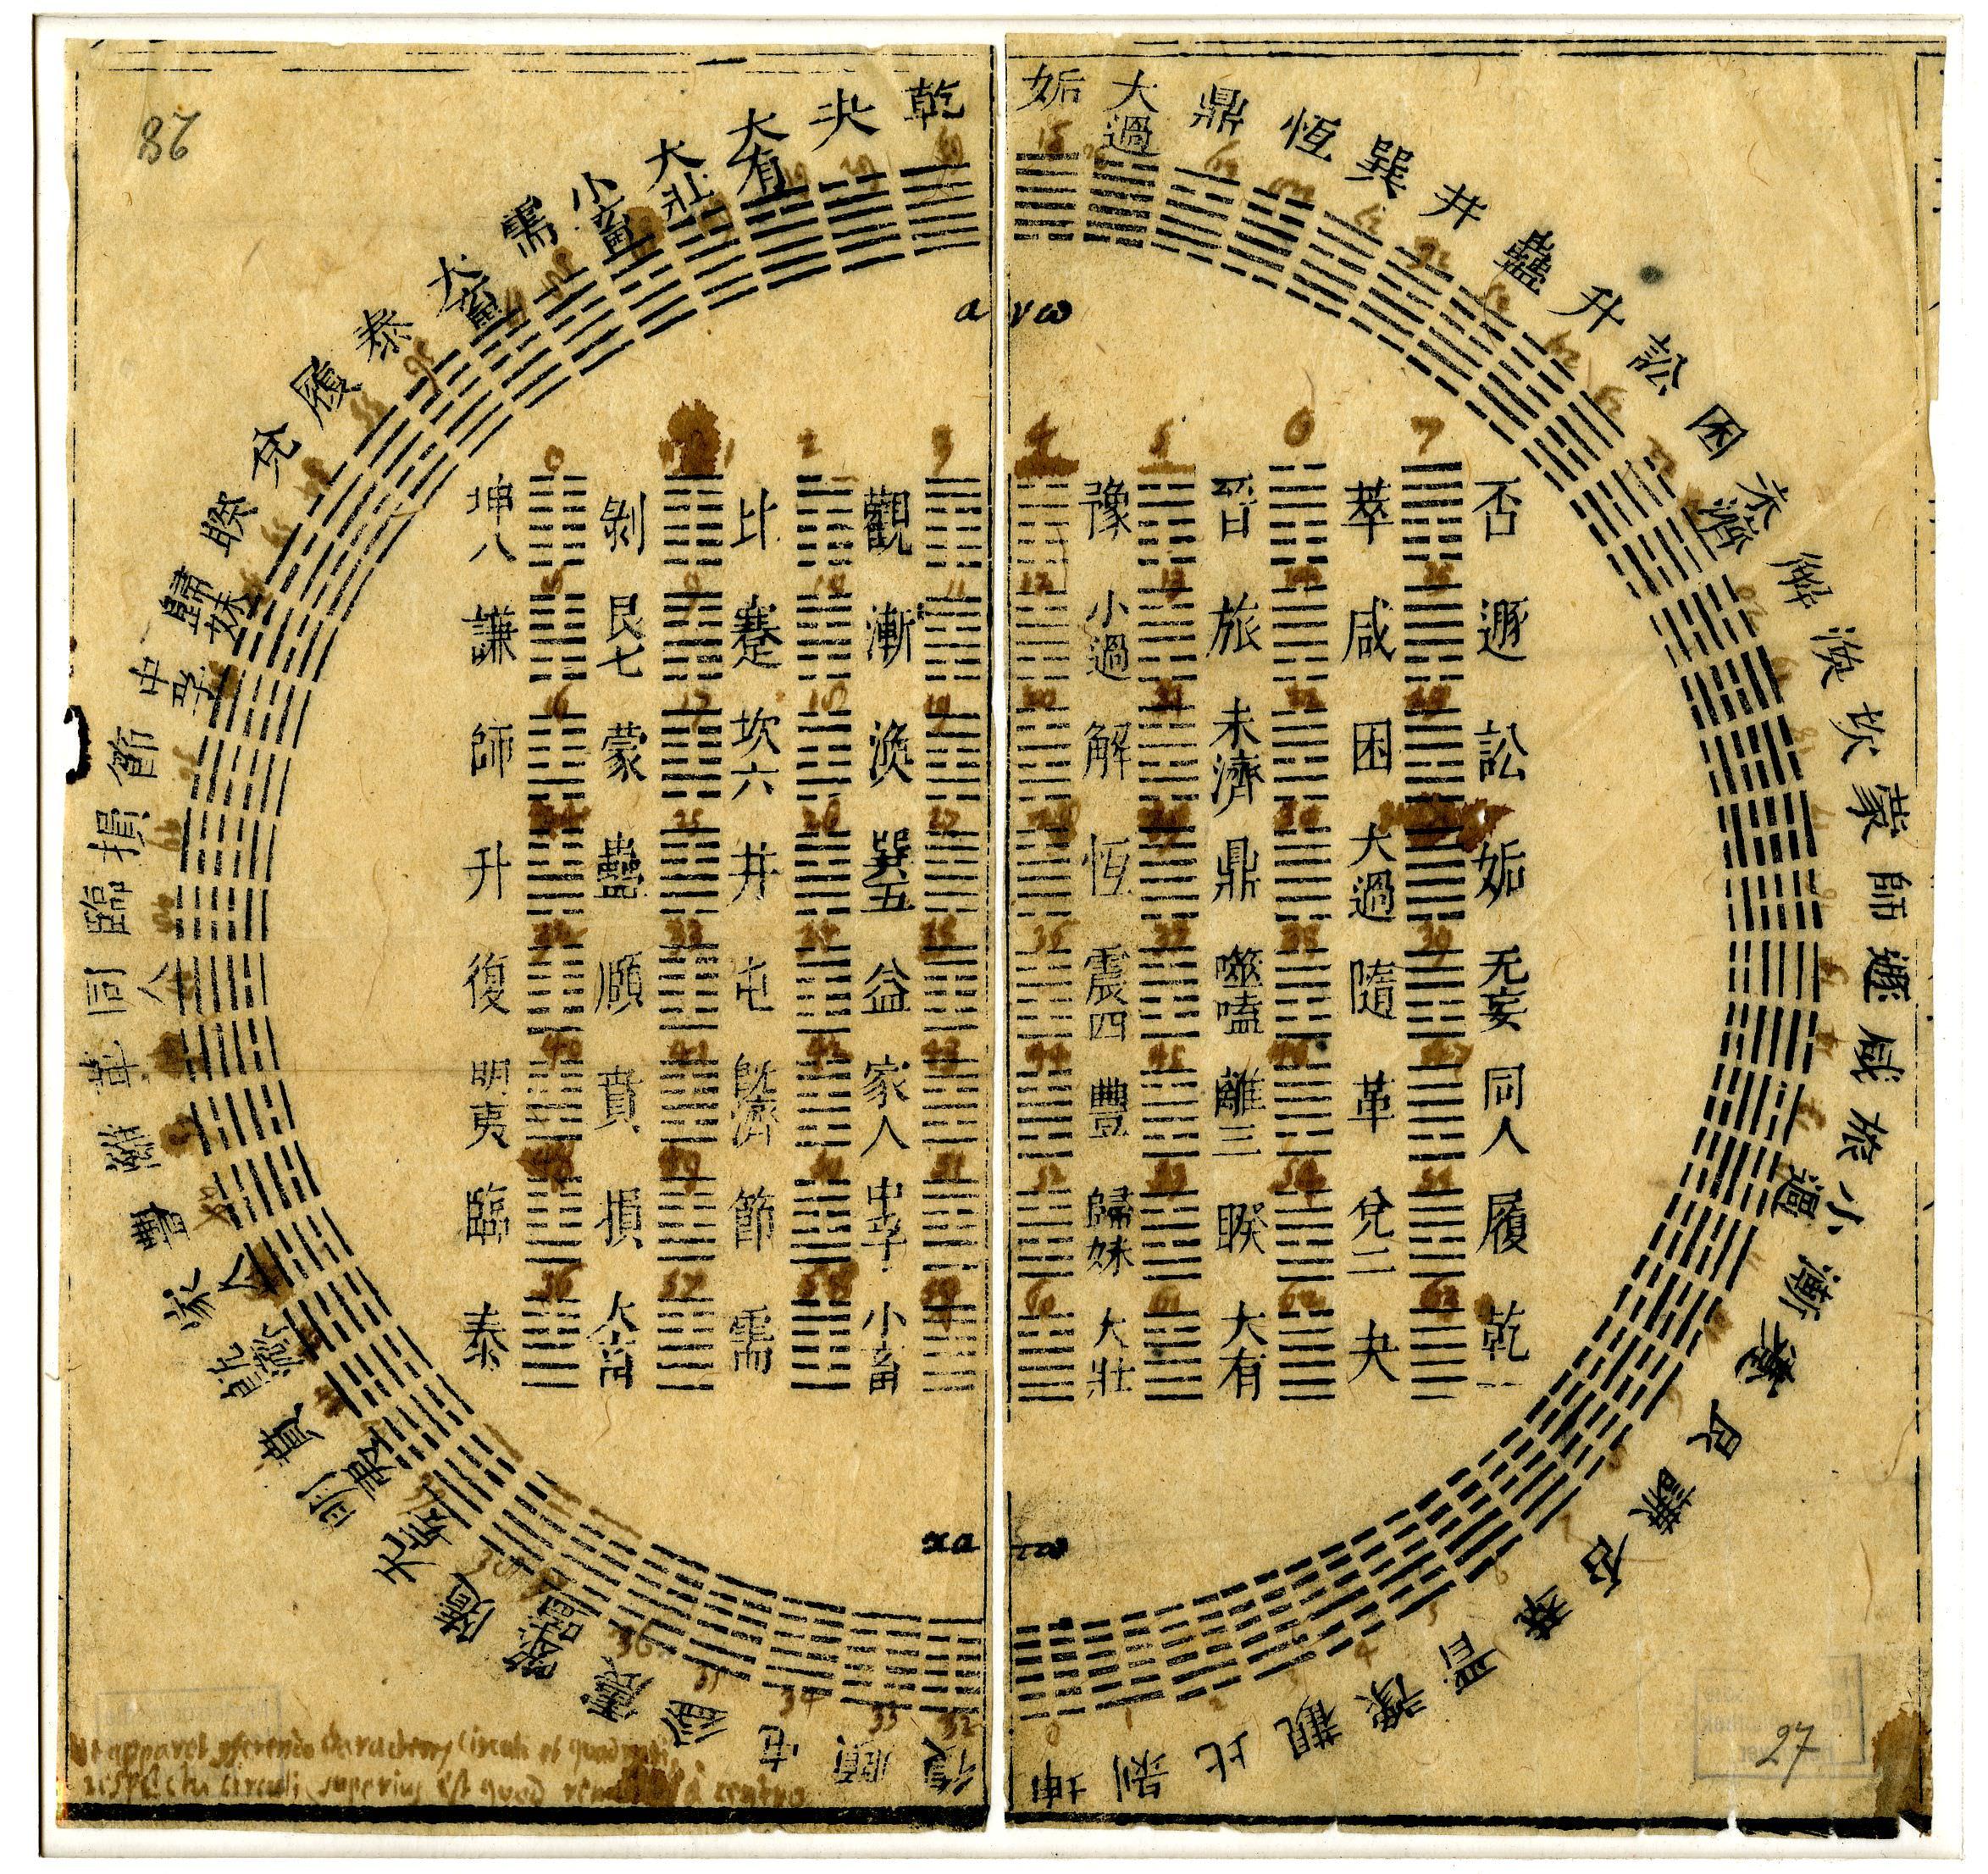 Yi jing diagram from 4 Nov. 1701